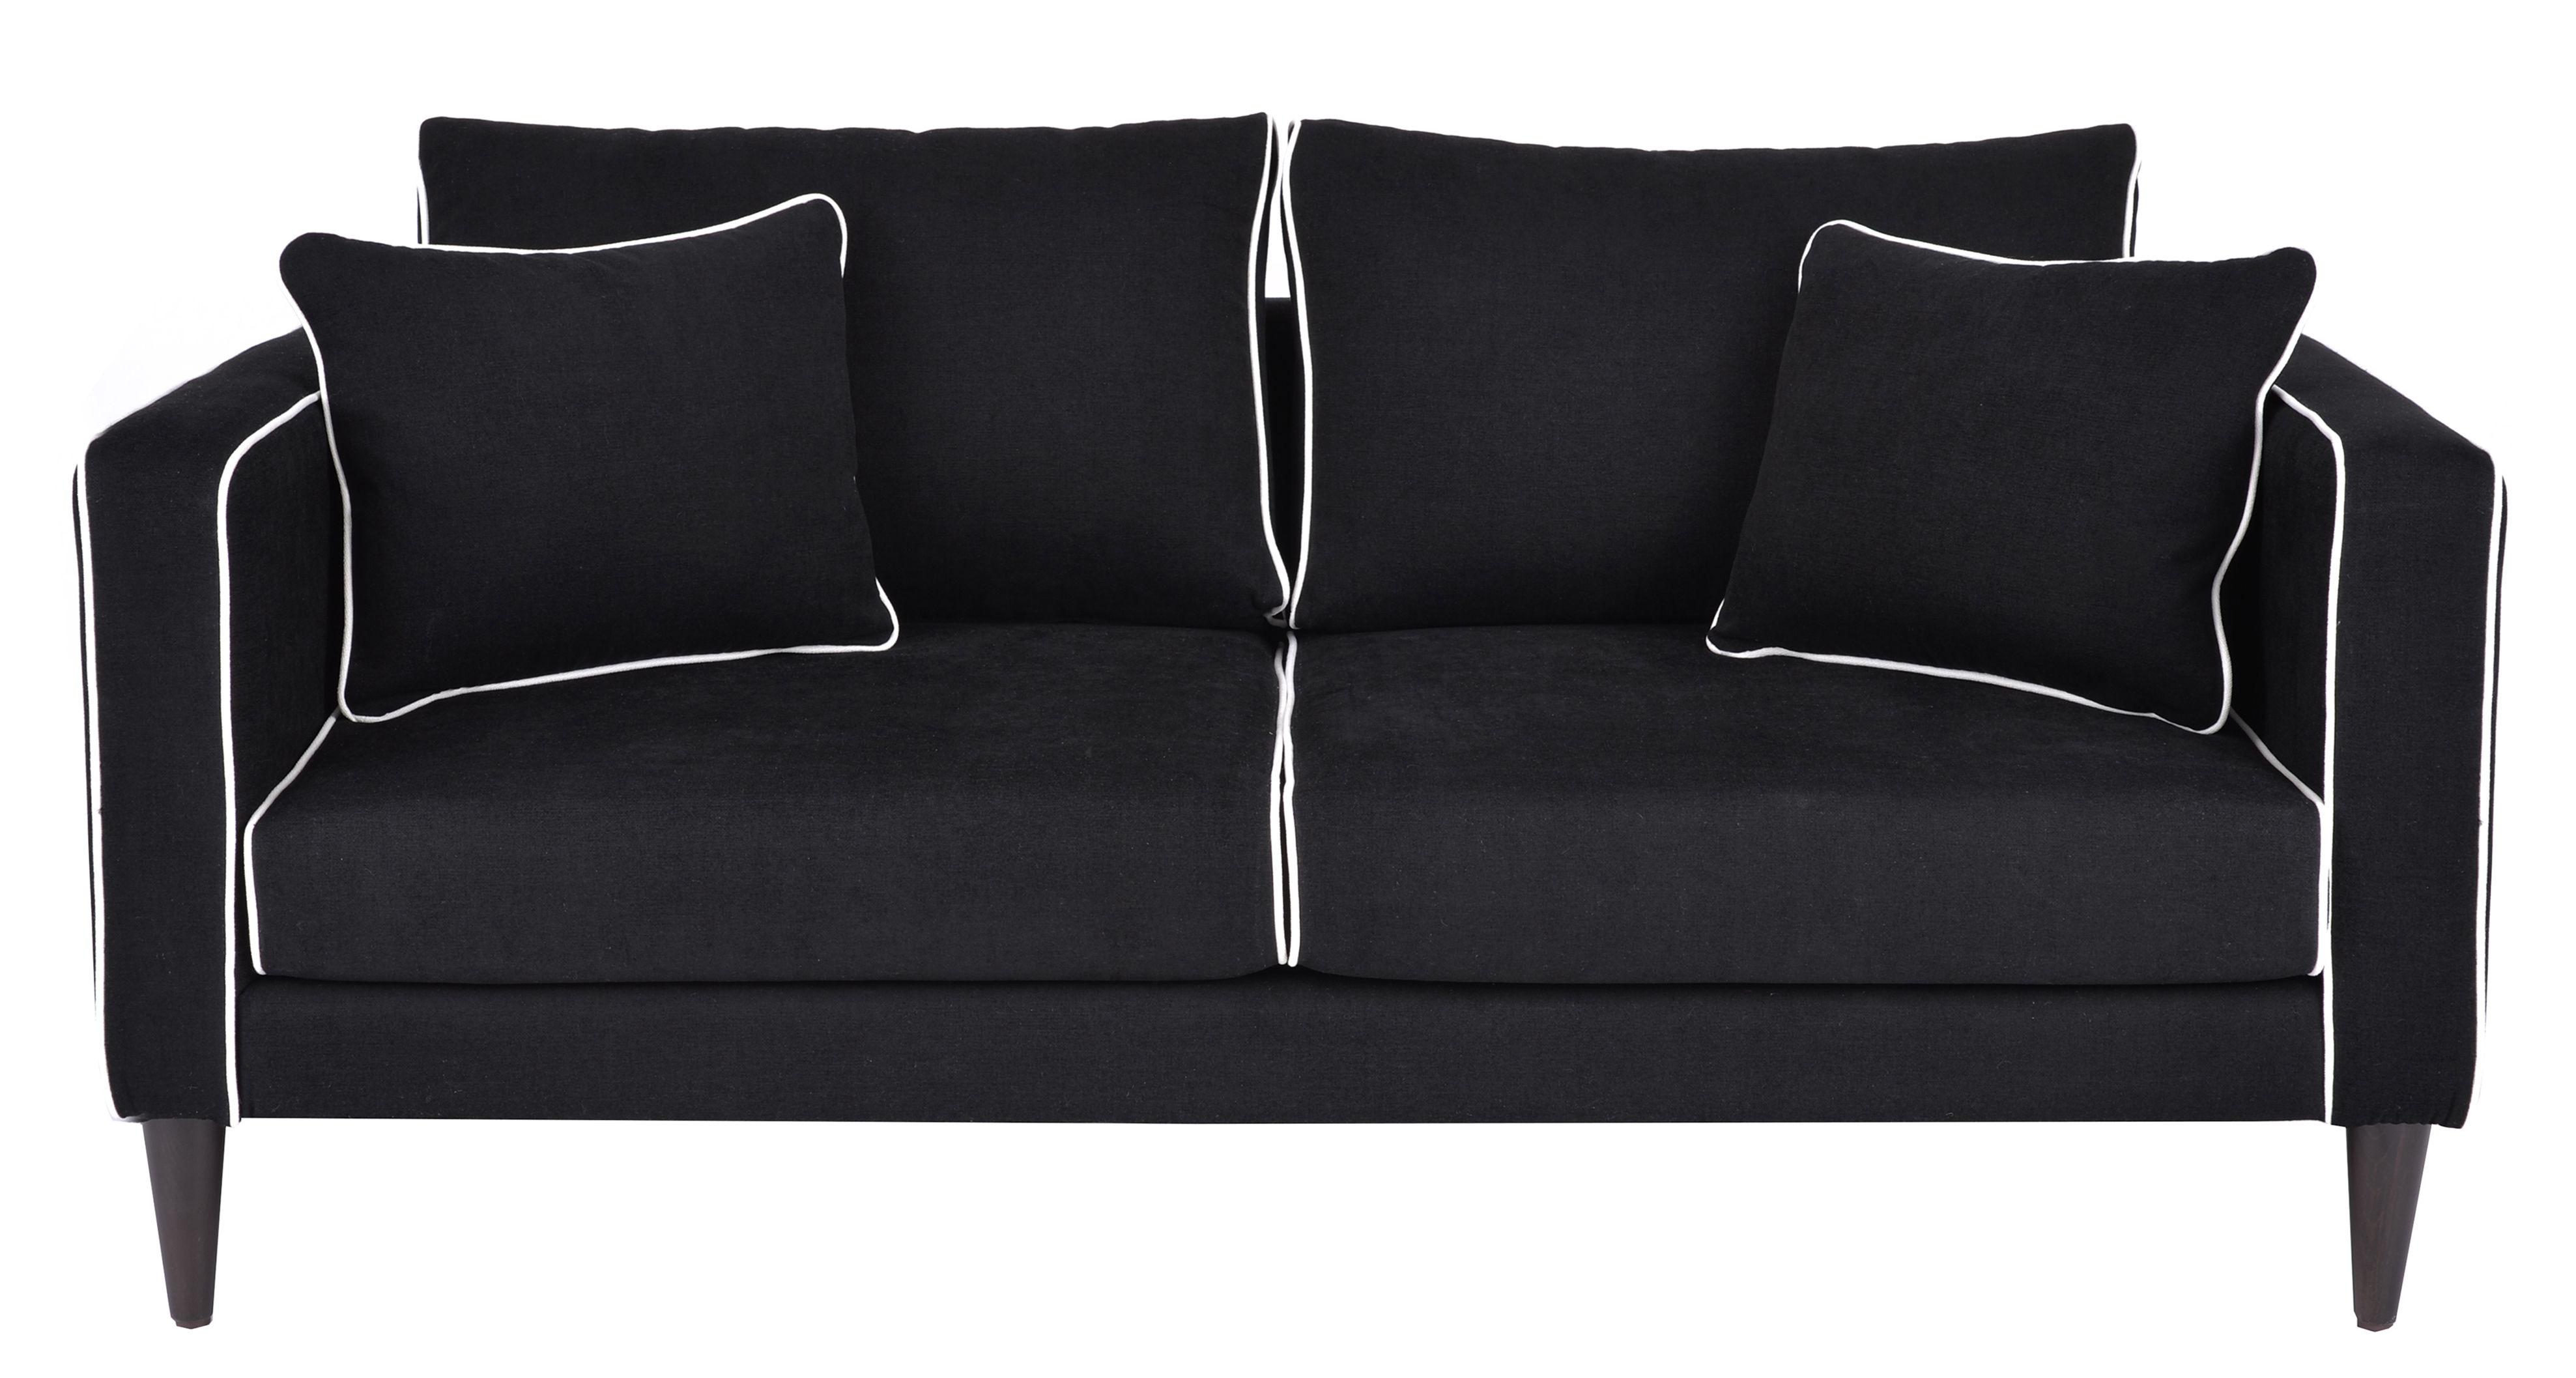 canap droit noa 2 places l 160 cm noir passepoil blanc maison sarah lavoine. Black Bedroom Furniture Sets. Home Design Ideas